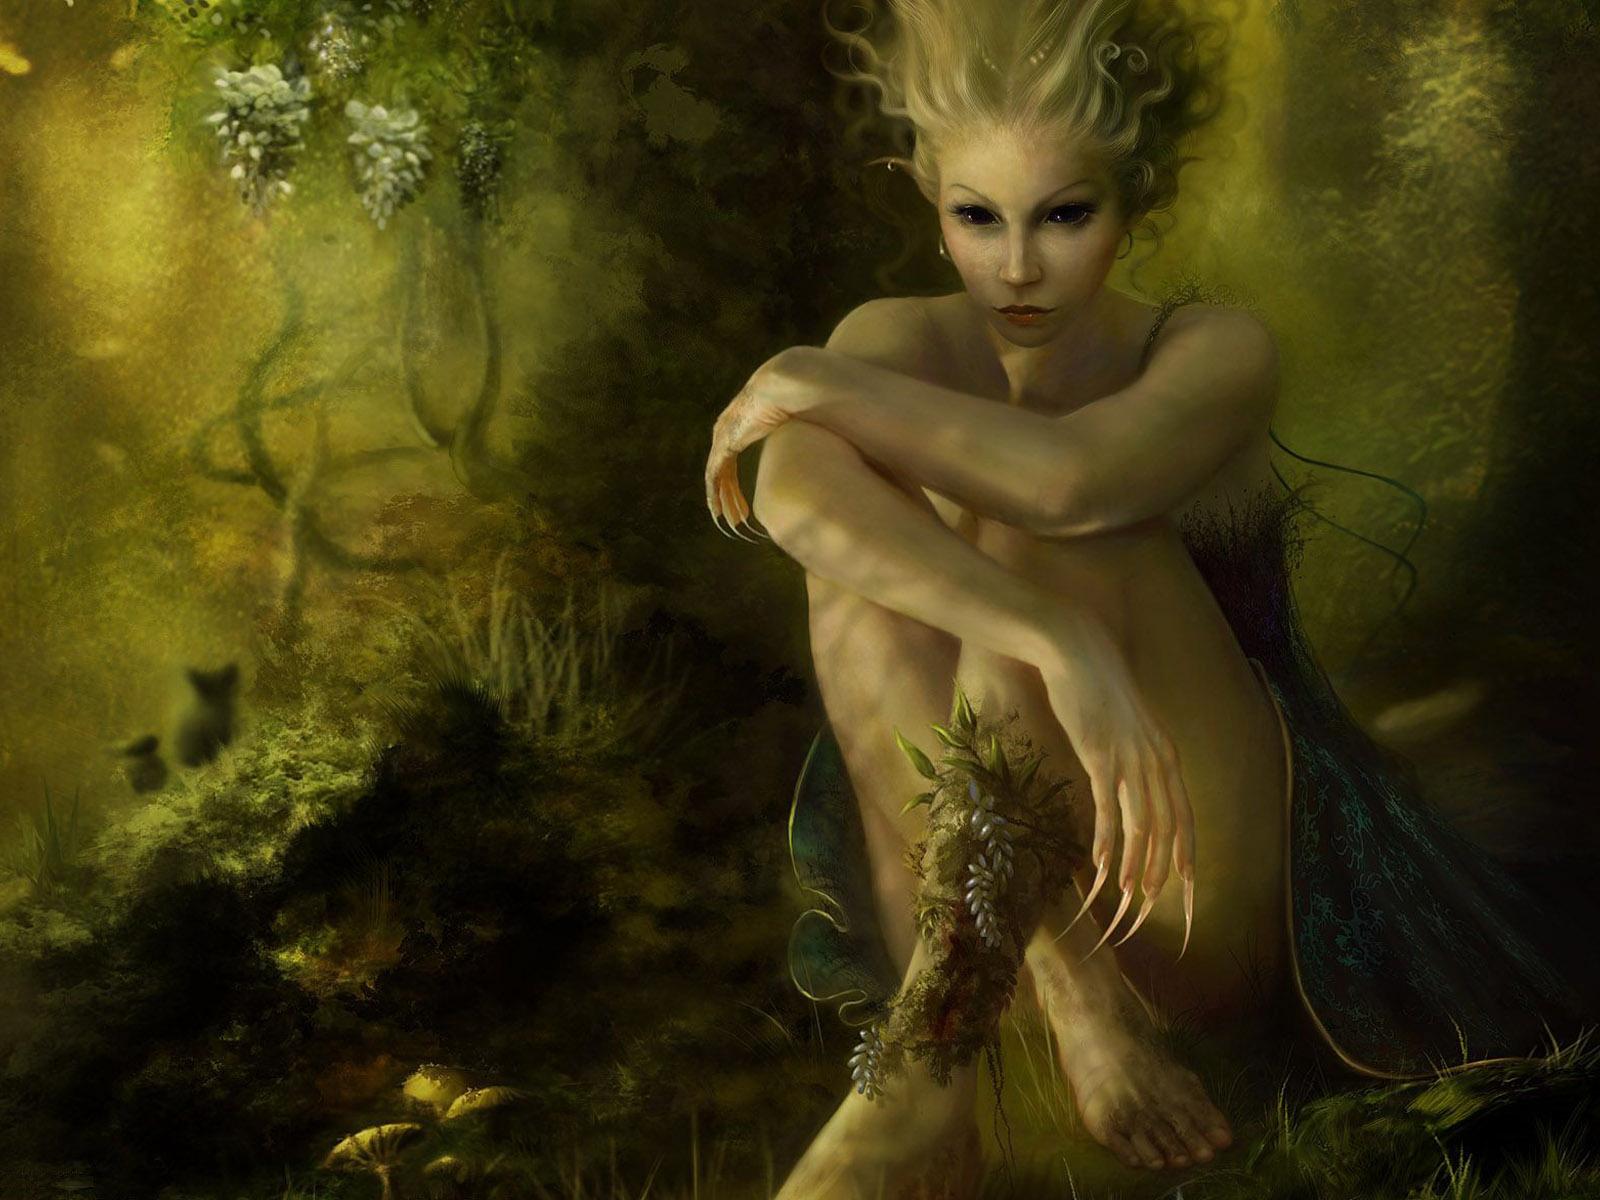 дриада, девушка, эльфийка, эльф, рисунок, обои на рабочий стол